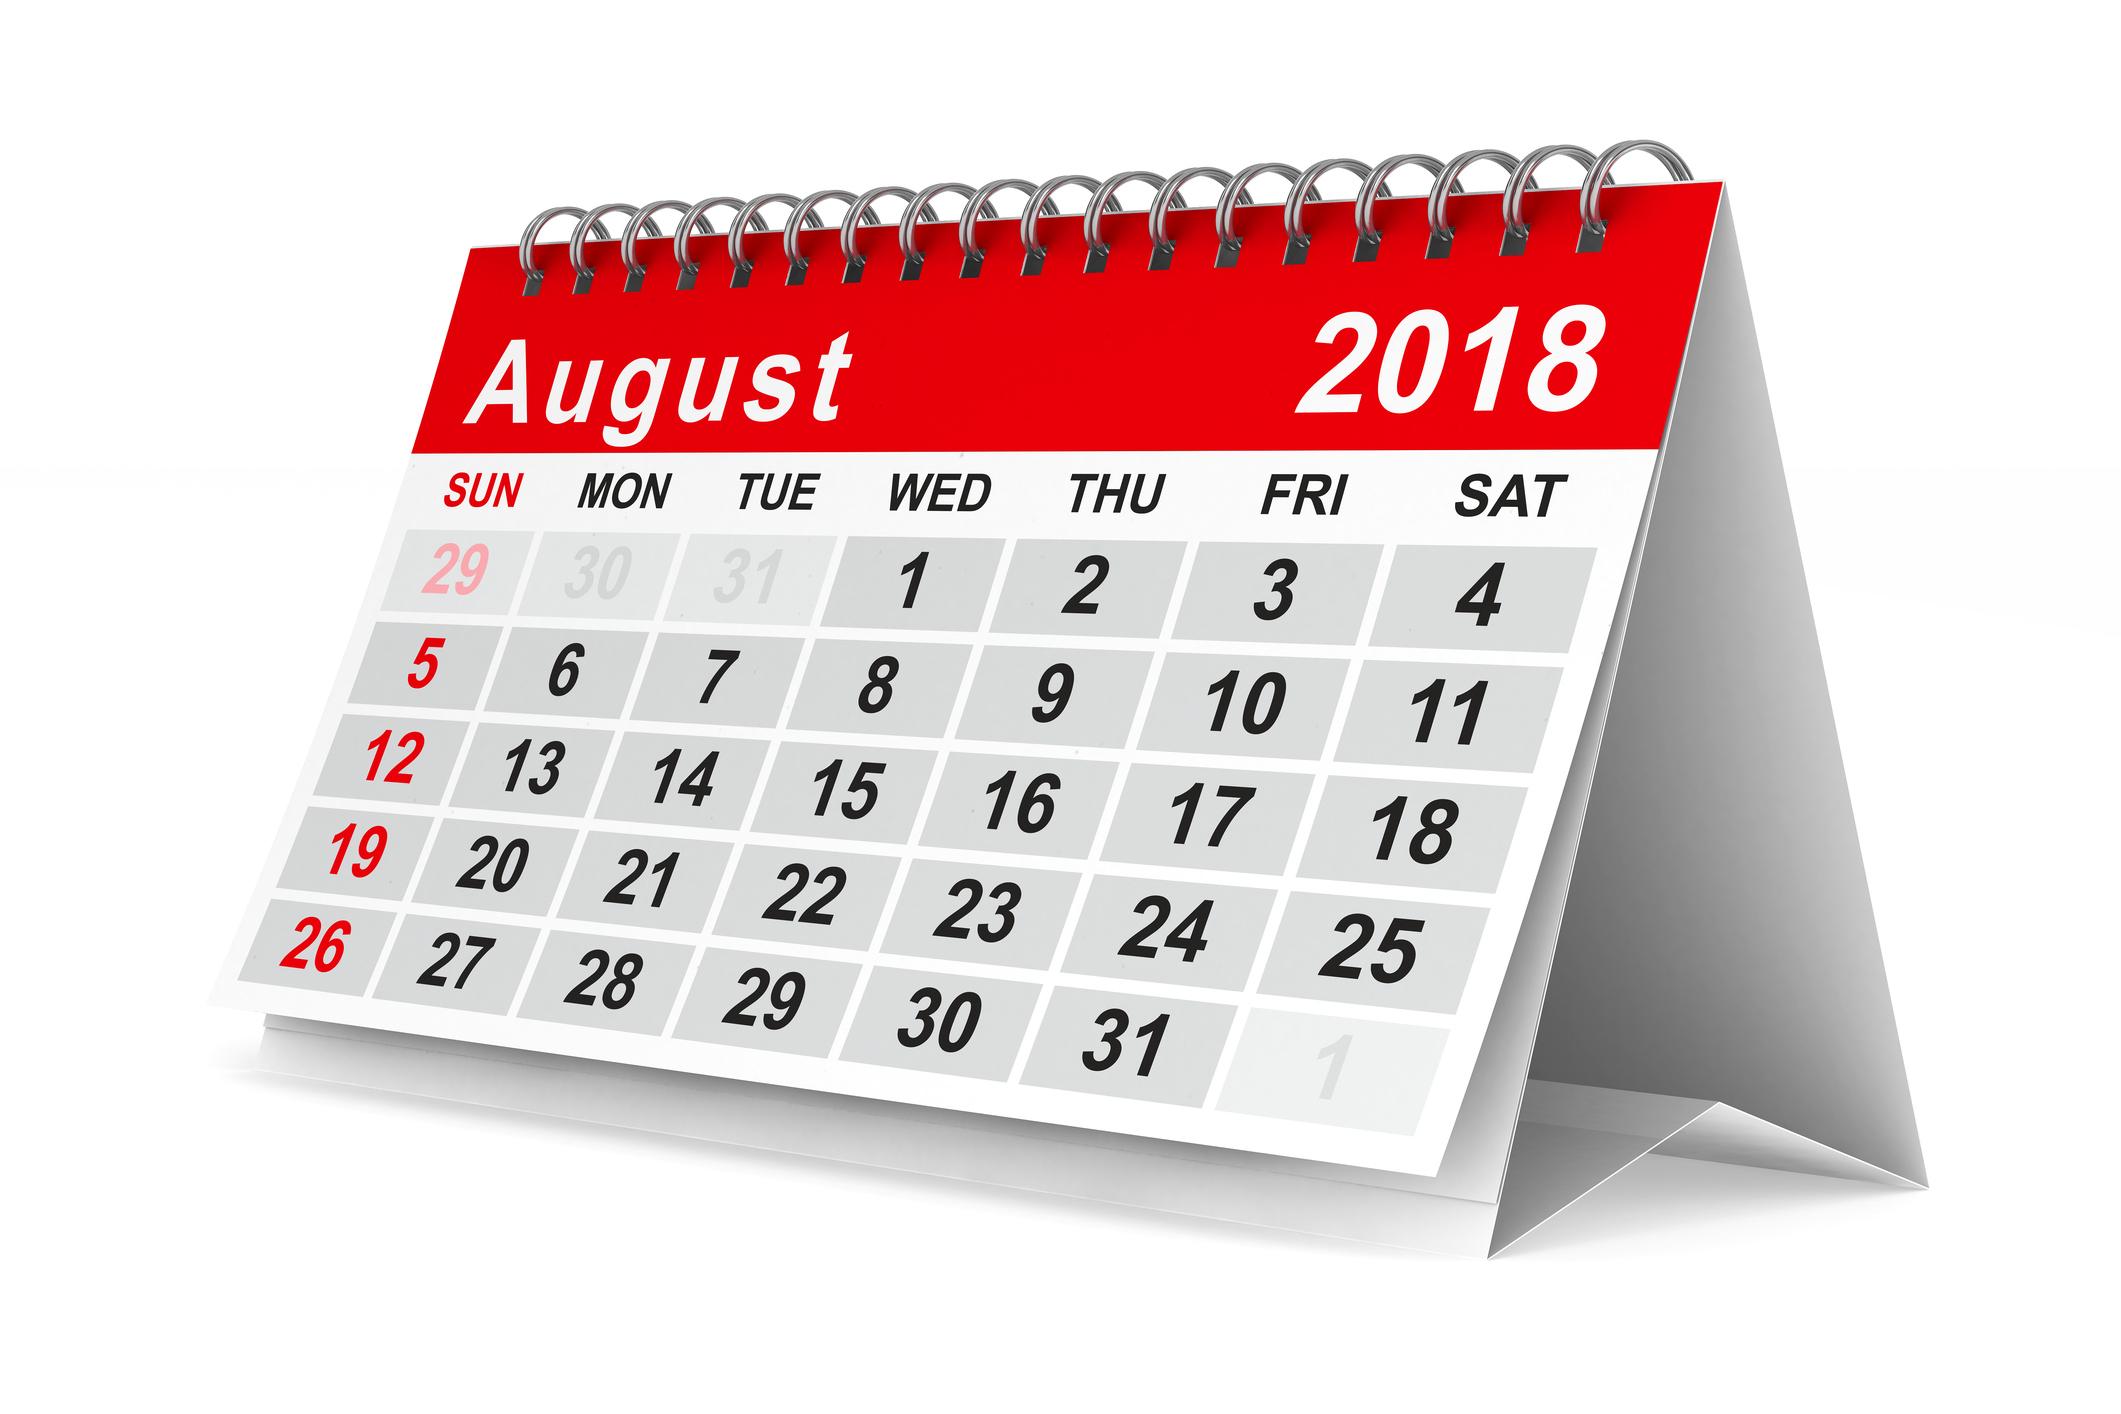 An August 2018 calendar